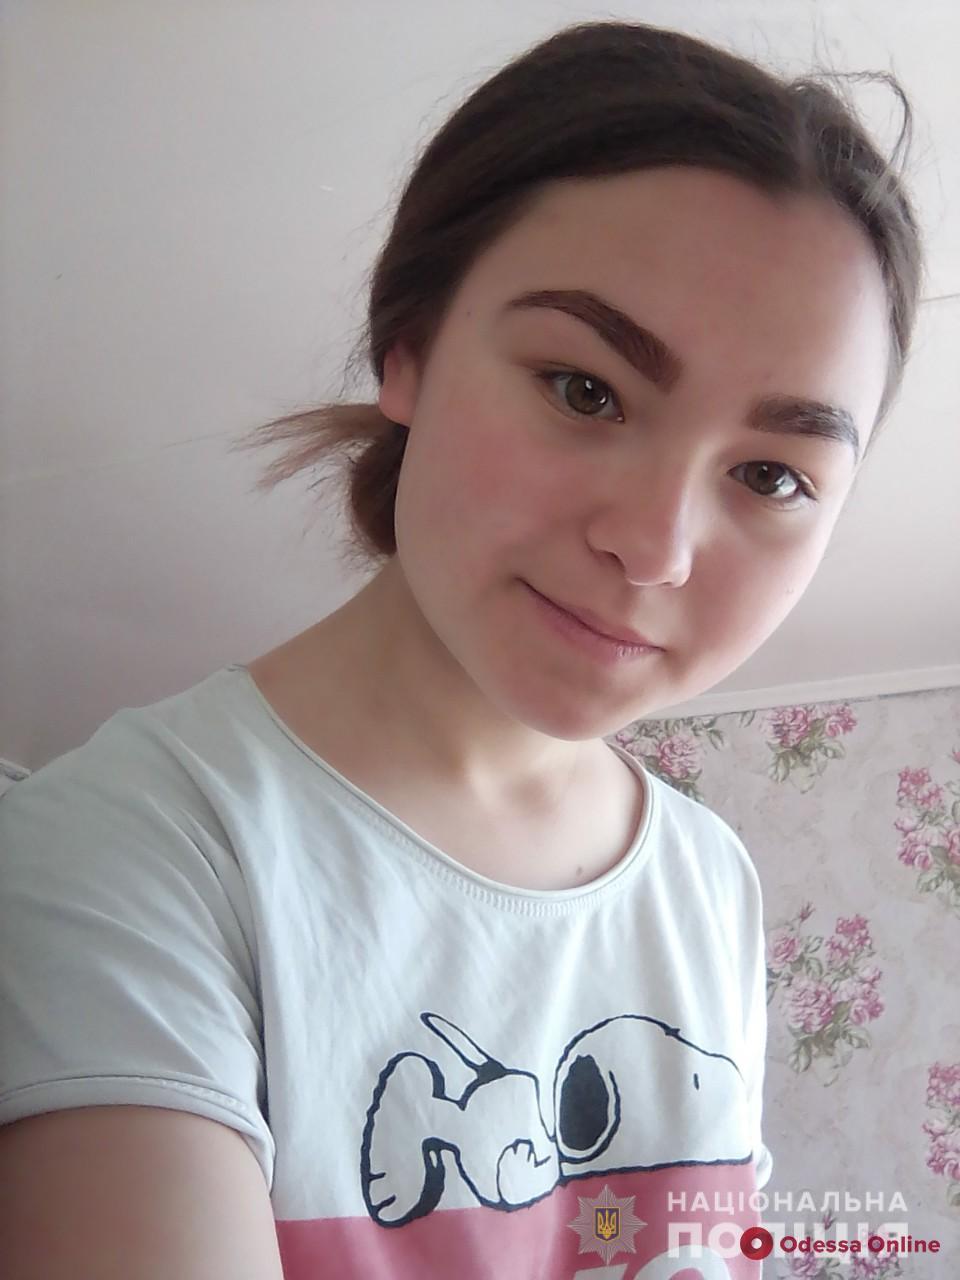 В Одесской области ищут 15-летнюю Татьяну Липковскую